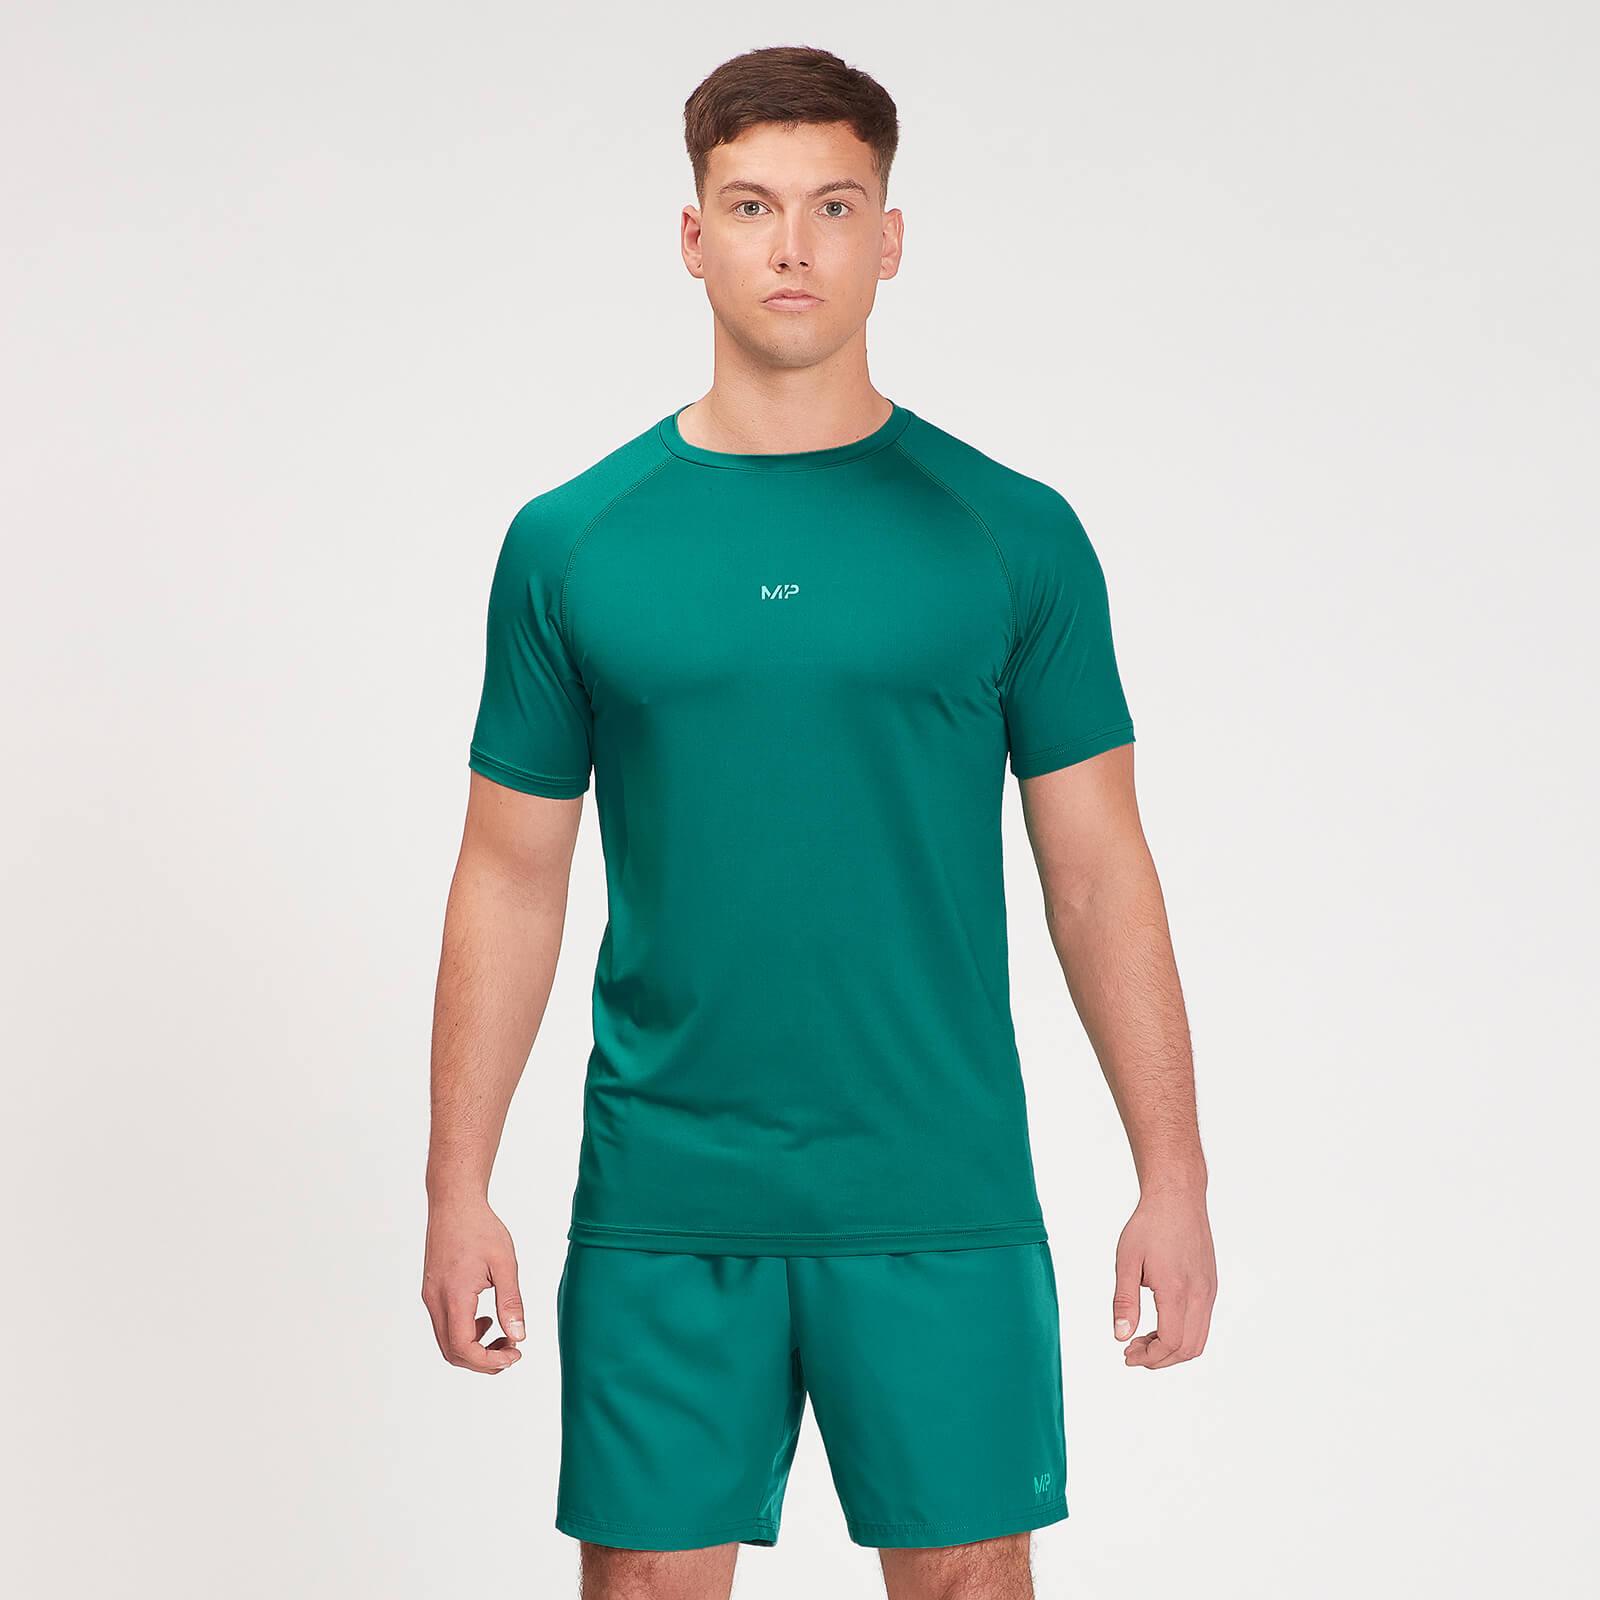 Мужская футболка с короткими рукавами MP Graphic Training - XL, Myprotein International  - купить со скидкой